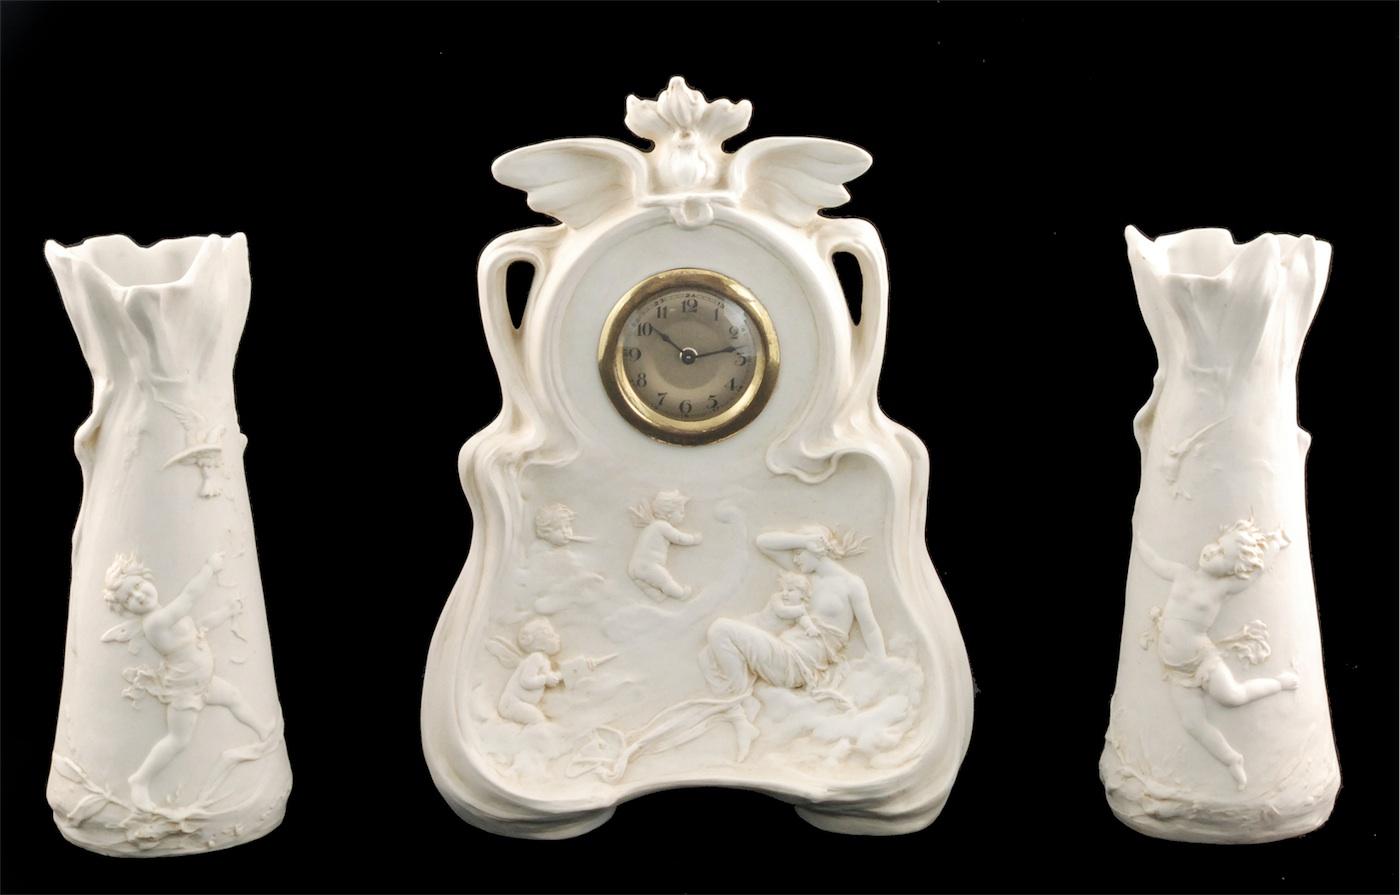 Fabryka porcelany Karla Ensa